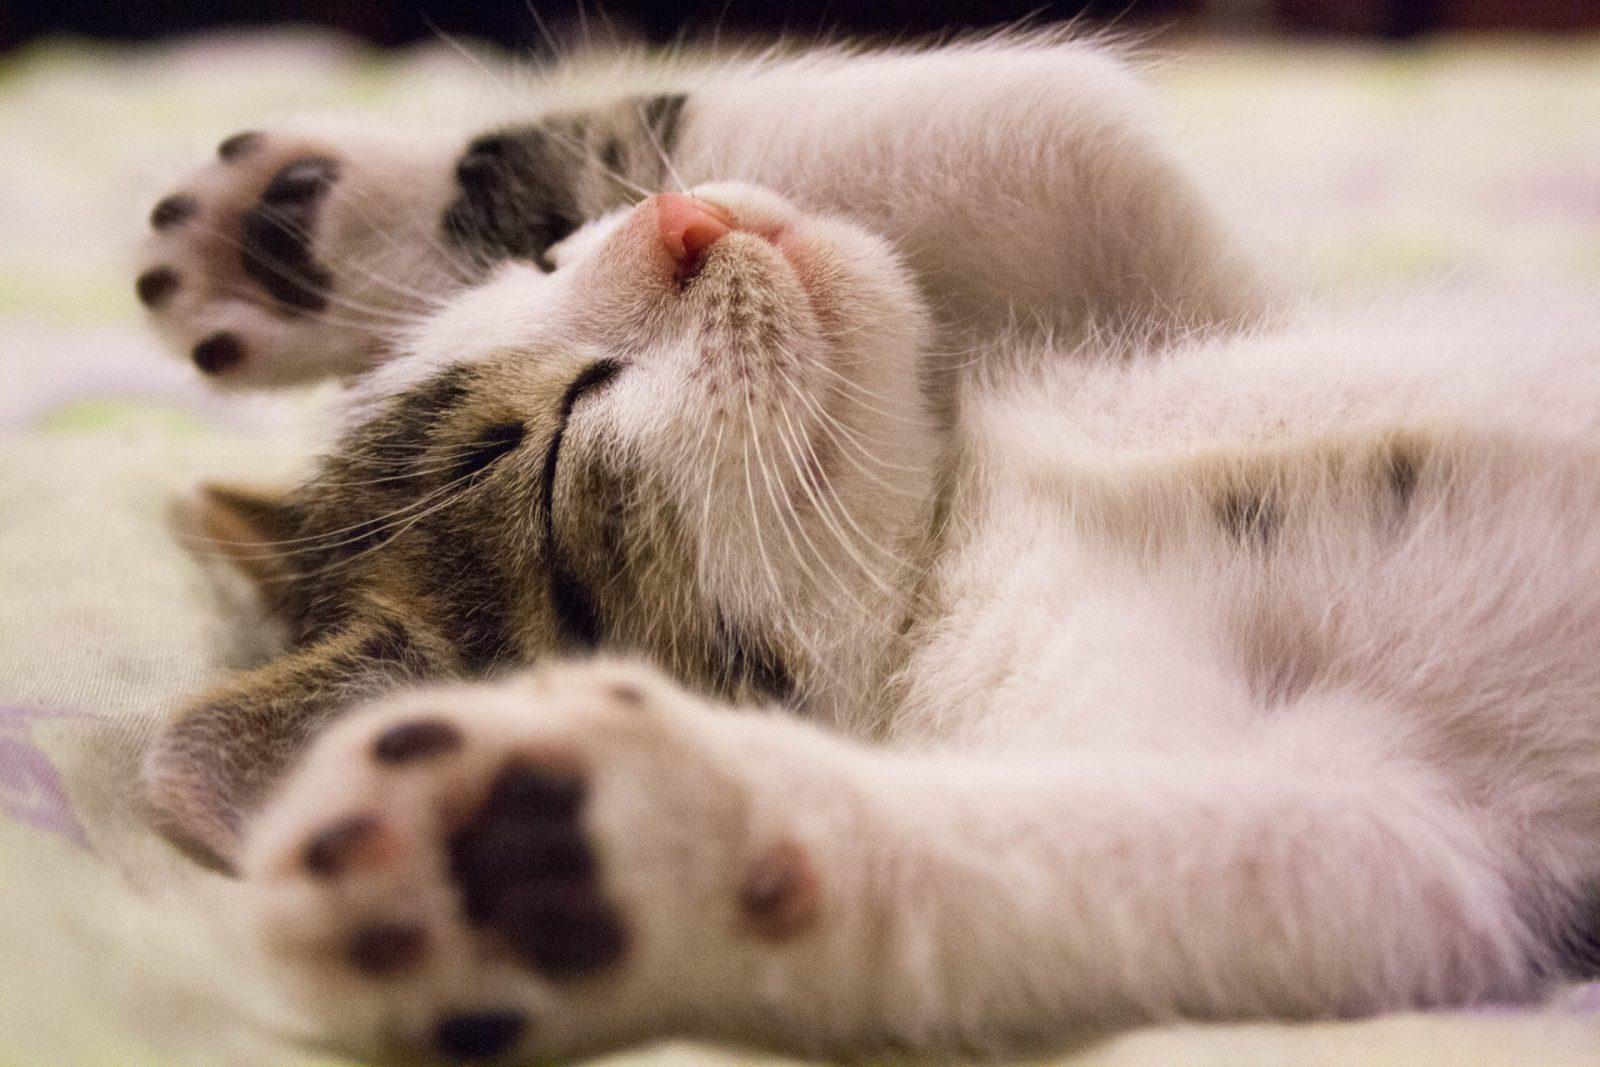 O arranhador para gatos é um brinquedo muito comum para o comportamento dos gatos.